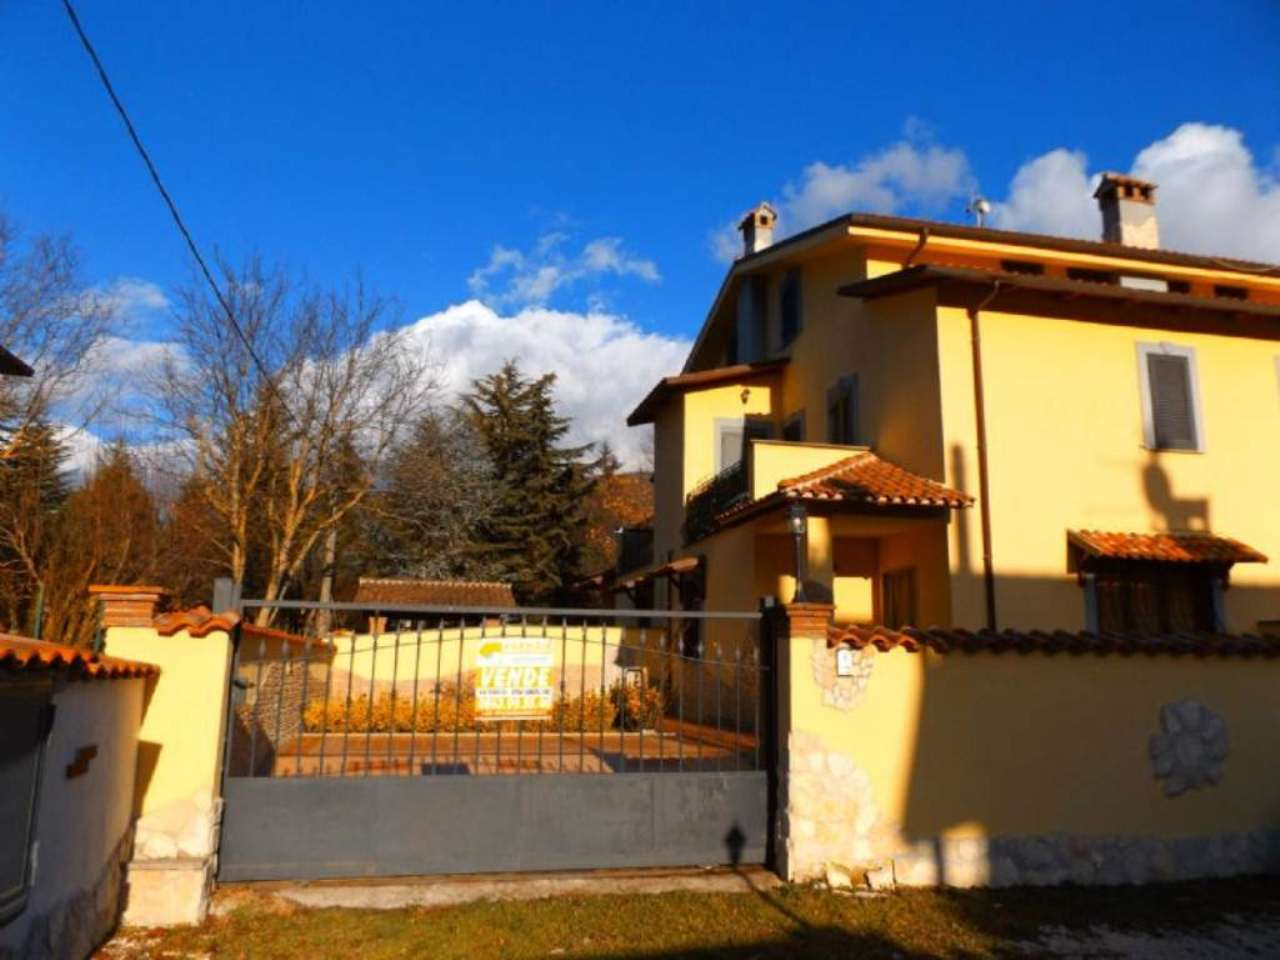 Villa Tri-Quadrifamiliare in vendita a Rocca di Botte, 5 locali, prezzo € 130.000 | Cambio Casa.it